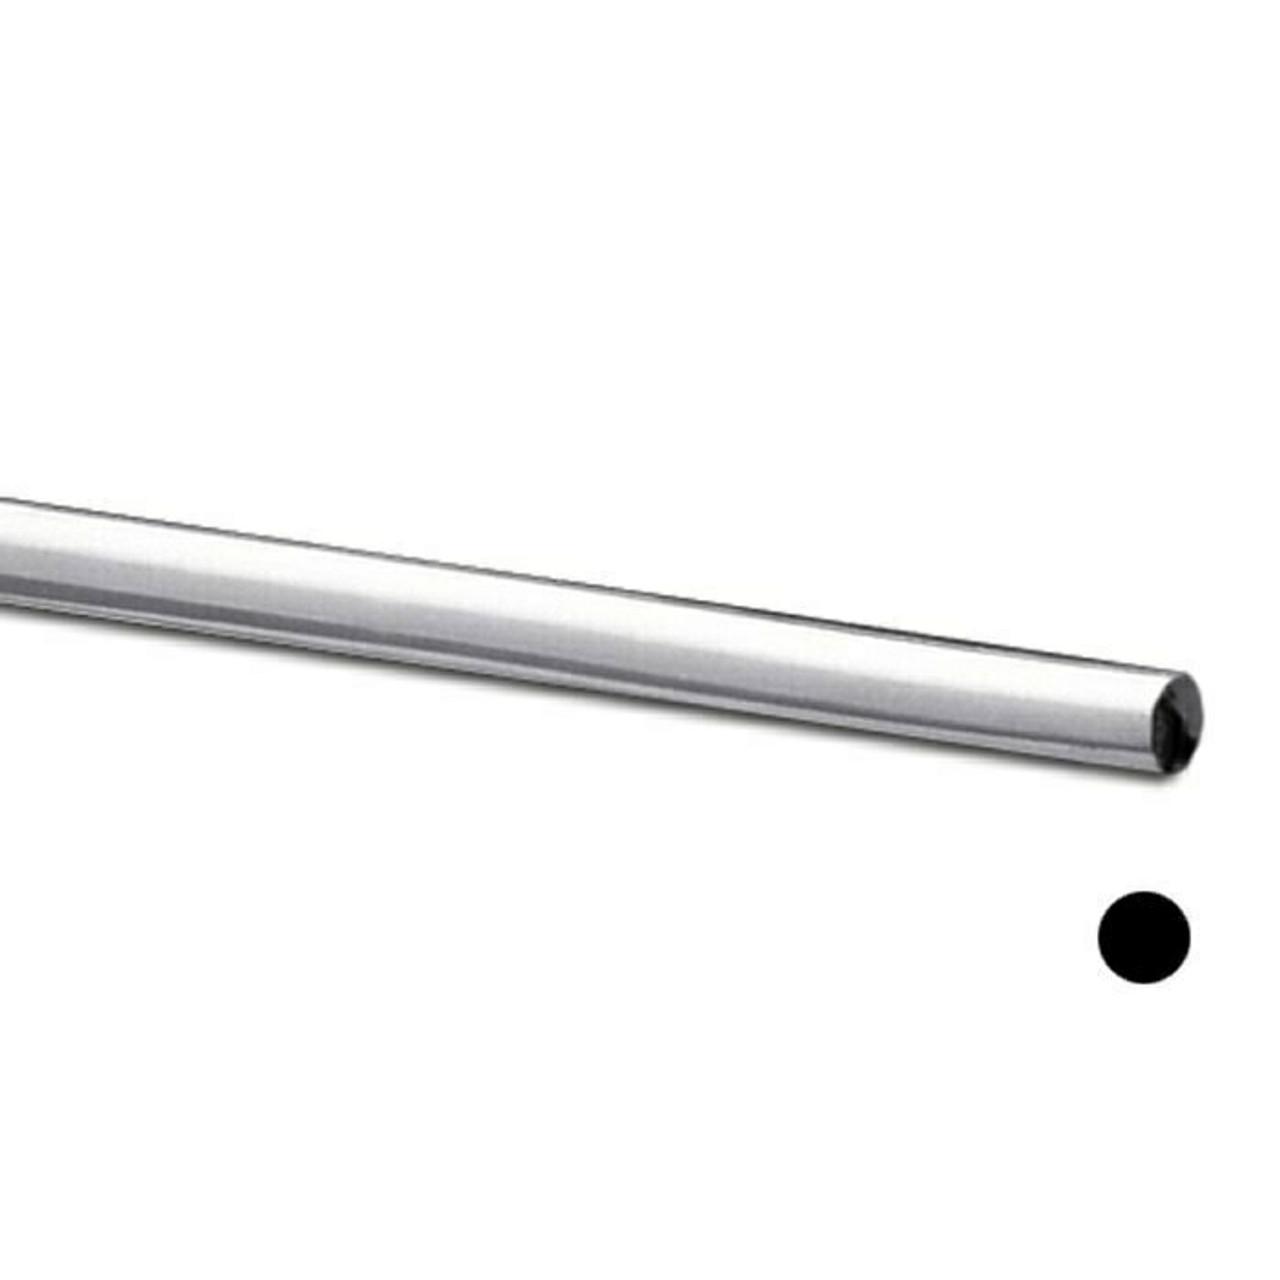 925 Sterling silver Round Wire, 6Ga(4.115mm) | Bulk Prc Avlb |Sold ...